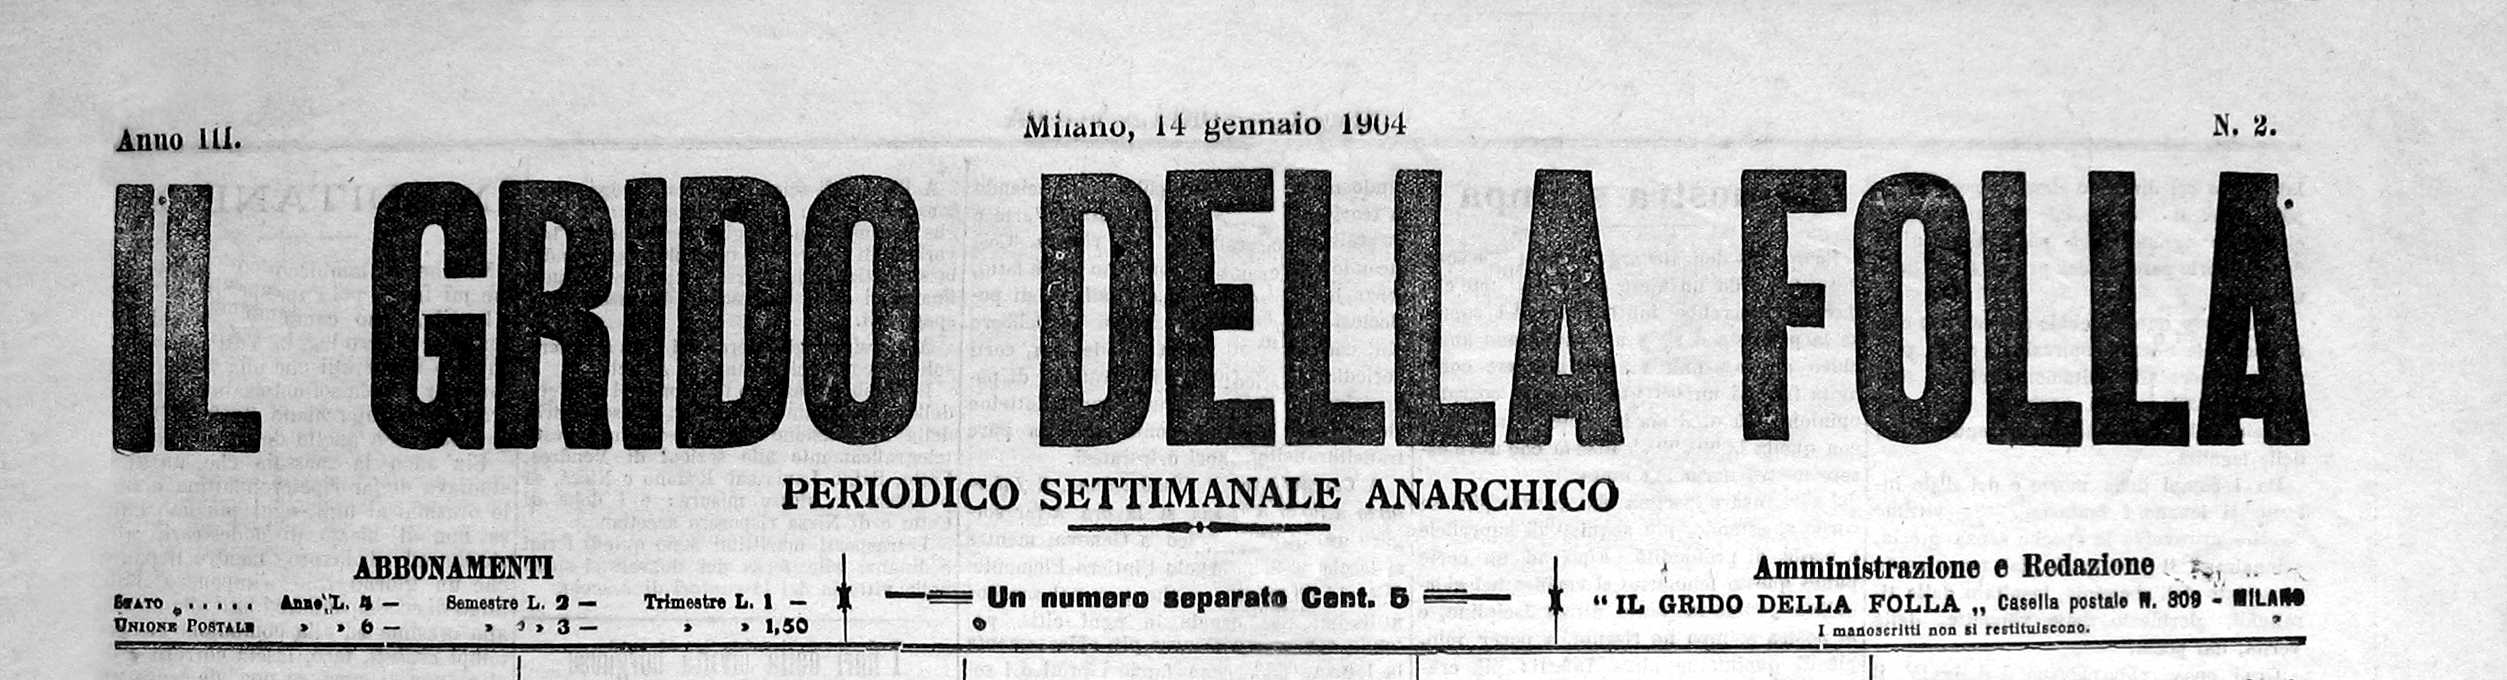 """""""Il Grido della Folla"""" periòdic on col·laborava Eugenio Girolo"""